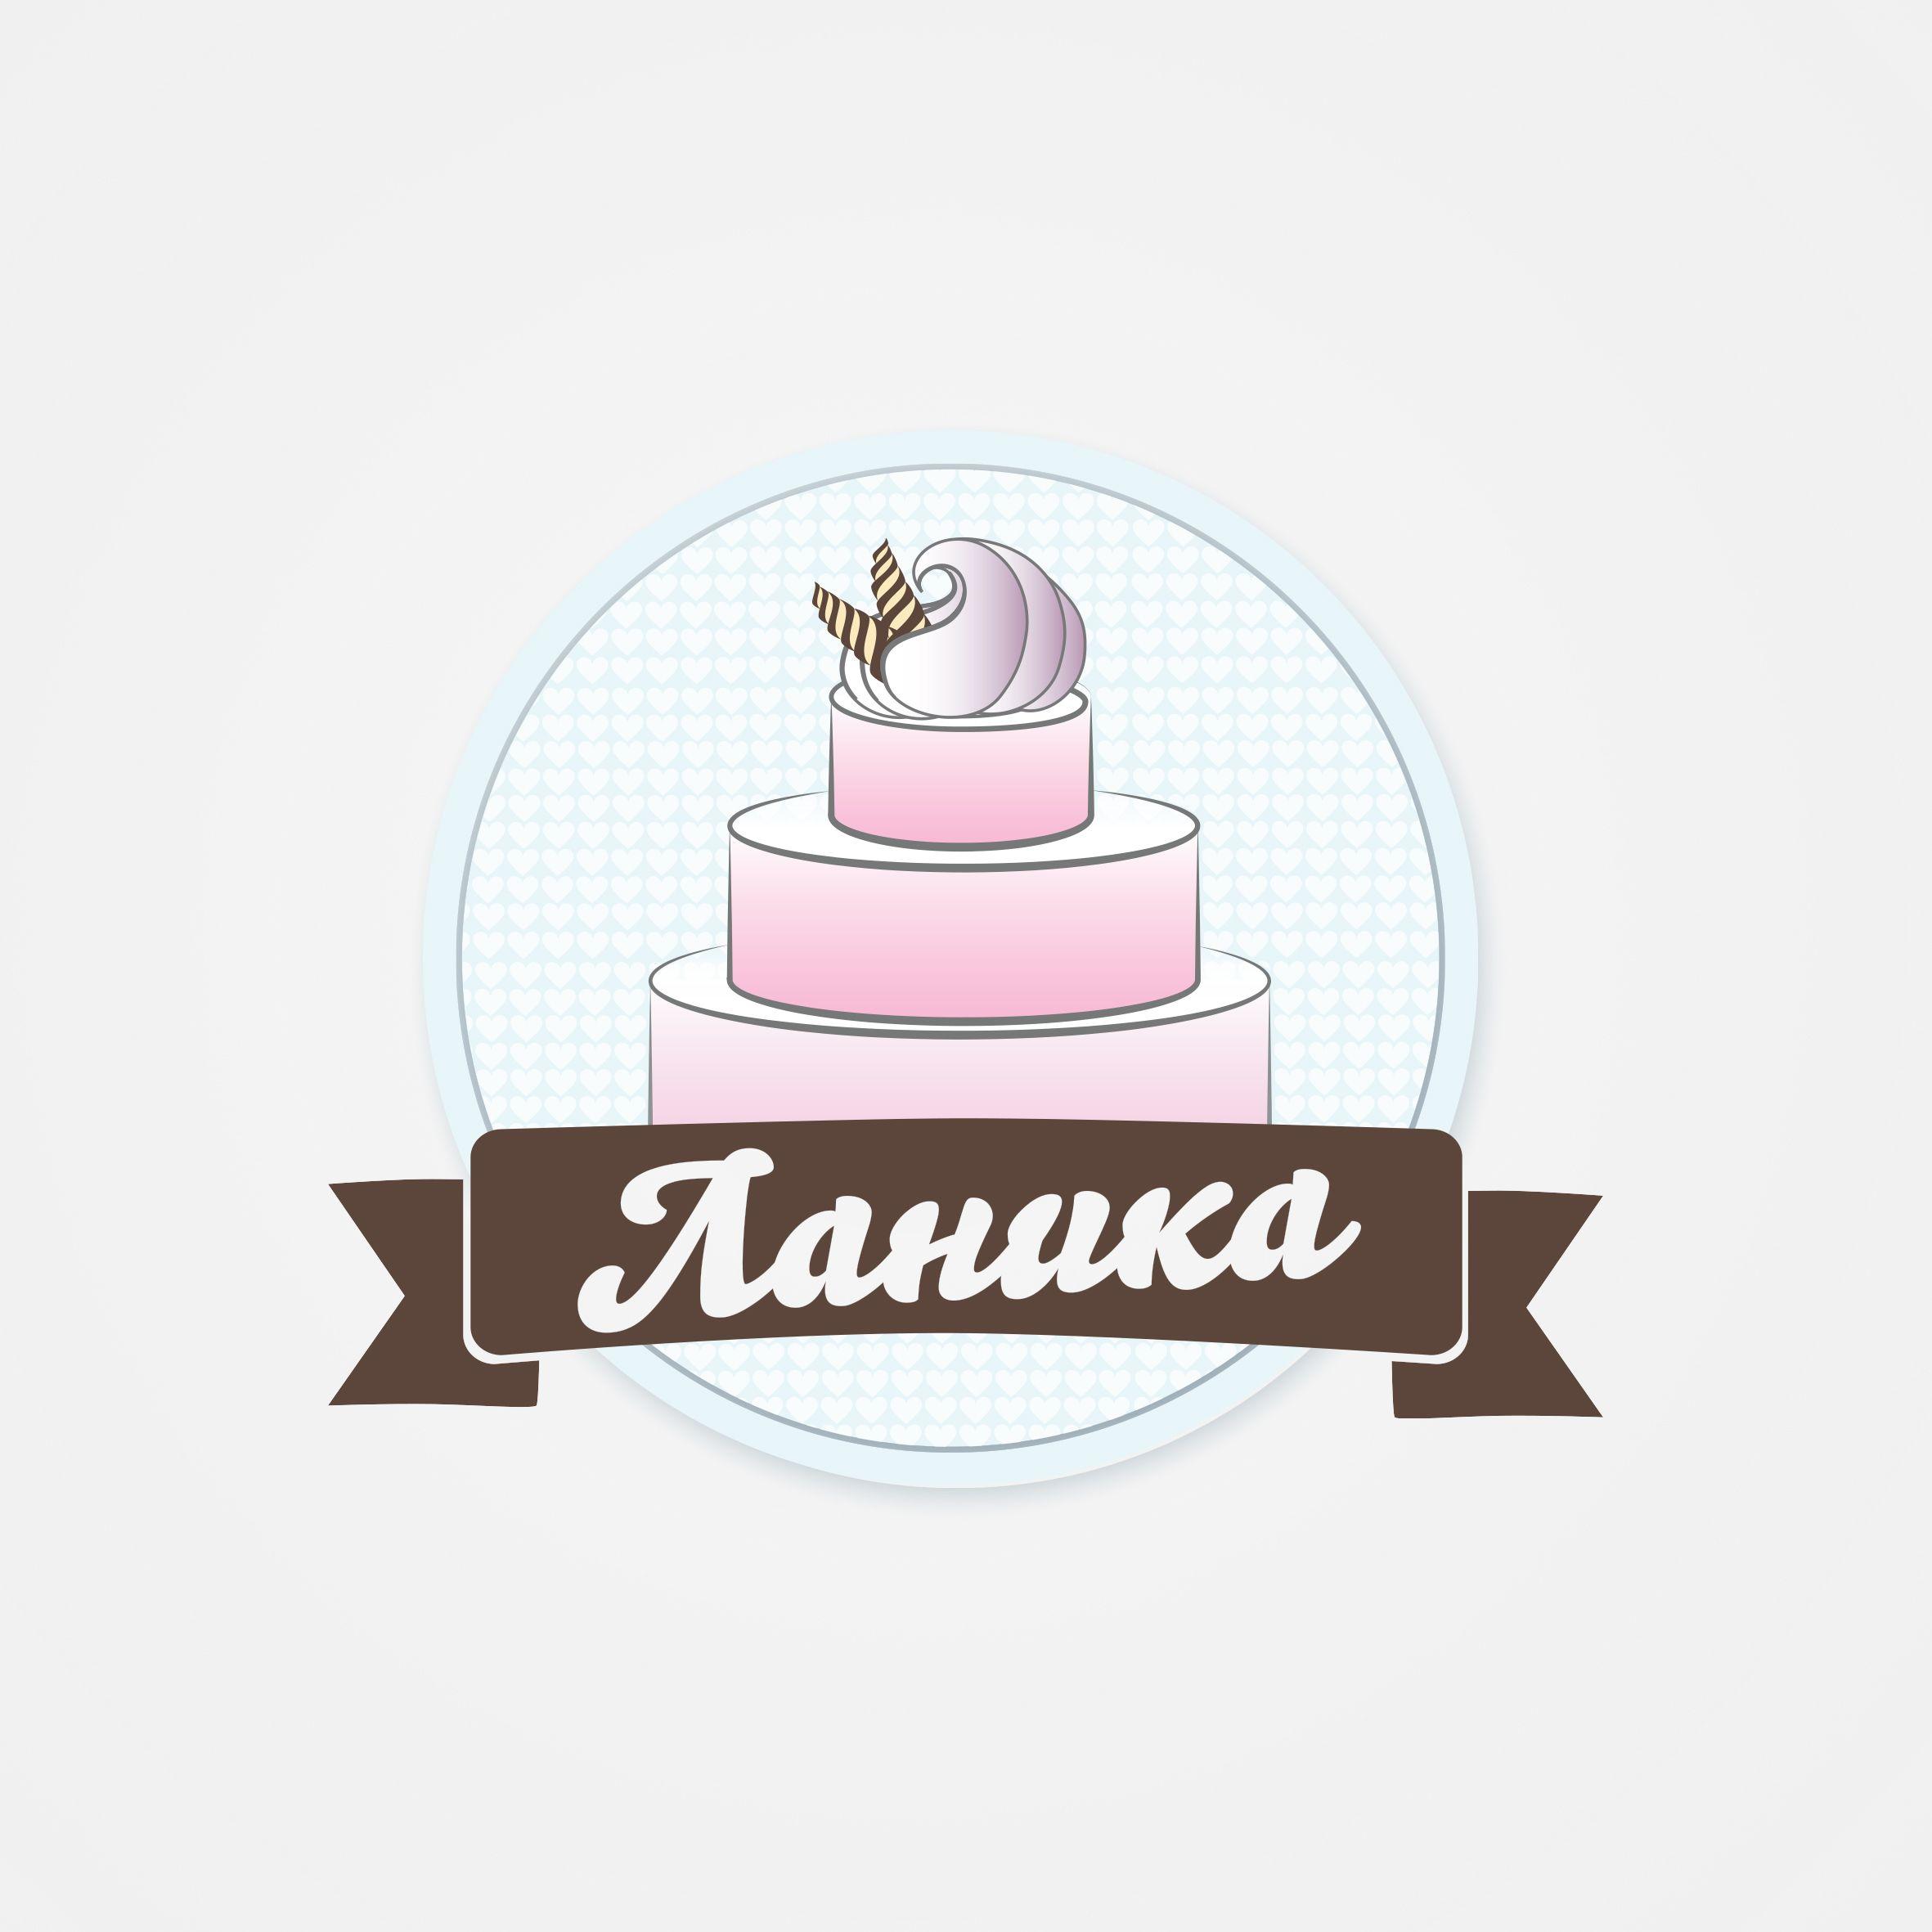 Лого ИМ тортов,пирожных и печенья ручной работы - дизайнер Shiitake